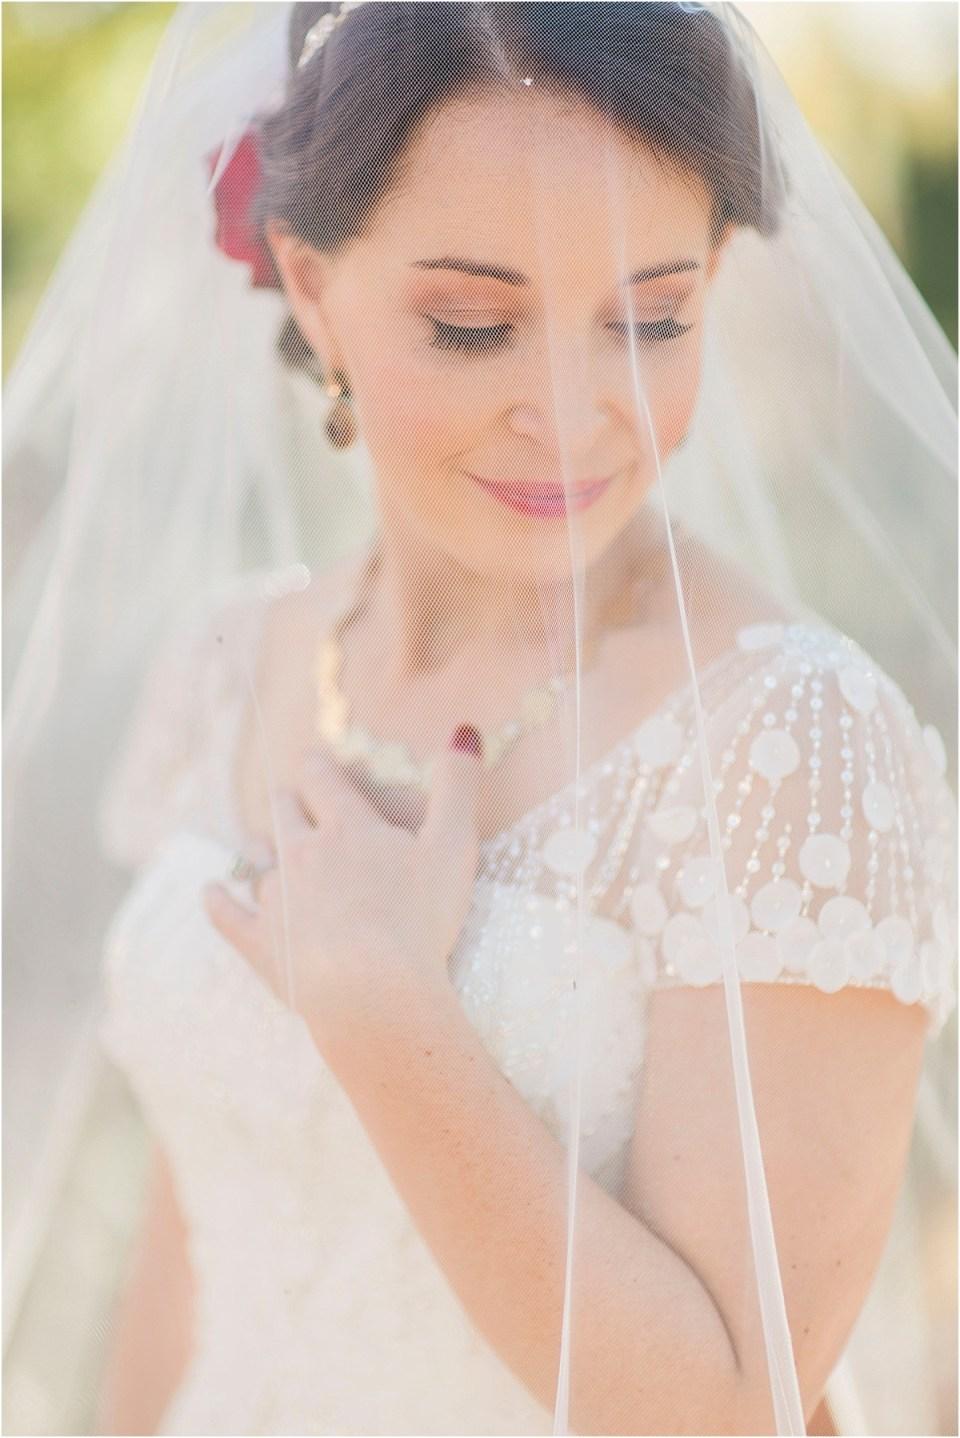 Bridal Portraits at Hacienda Del Sol, Tucson, Arizona